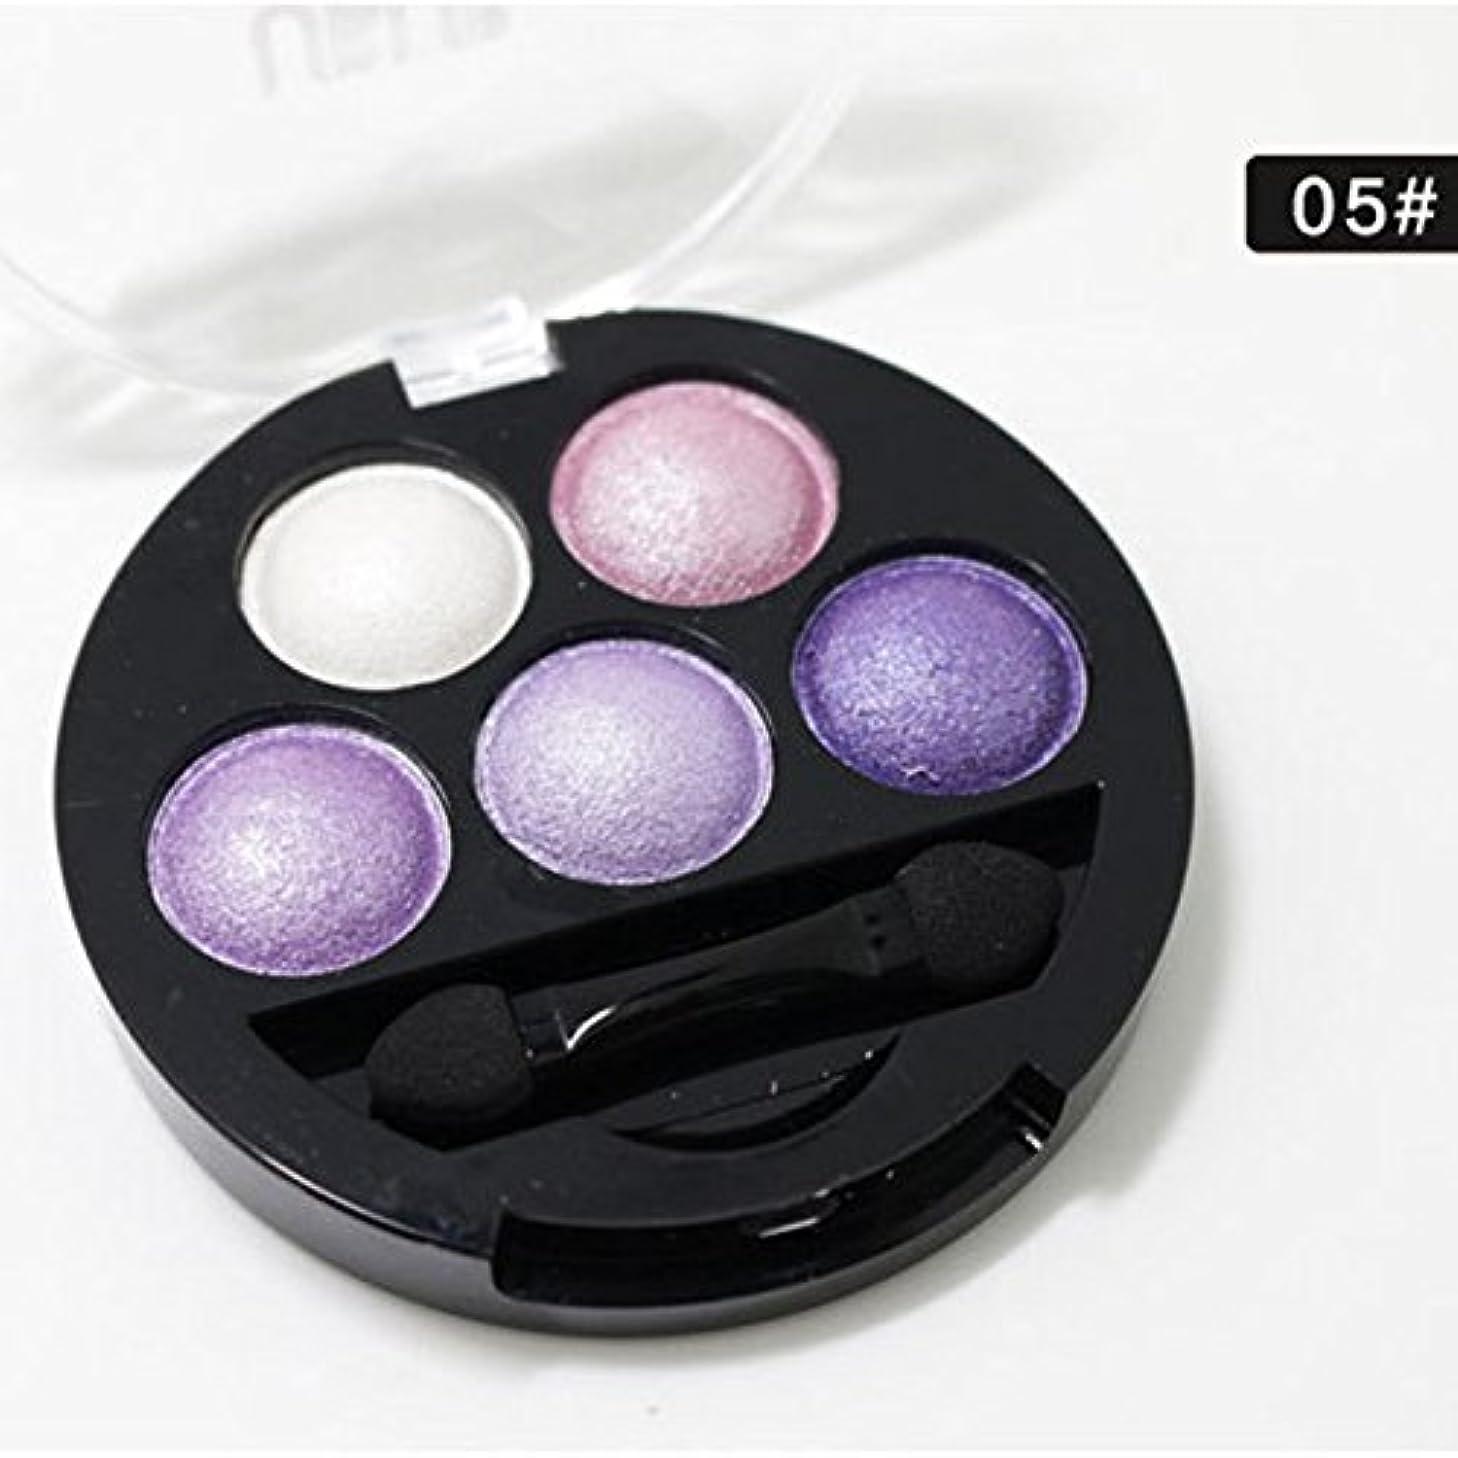 暴君複製する幸福Symboat 5色 キラキラ アイシャドウパレット レインボー ダイヤモンドプレス アイシャドウ 化粧品 メイクアップツール 高発色 携帯用 韓国風